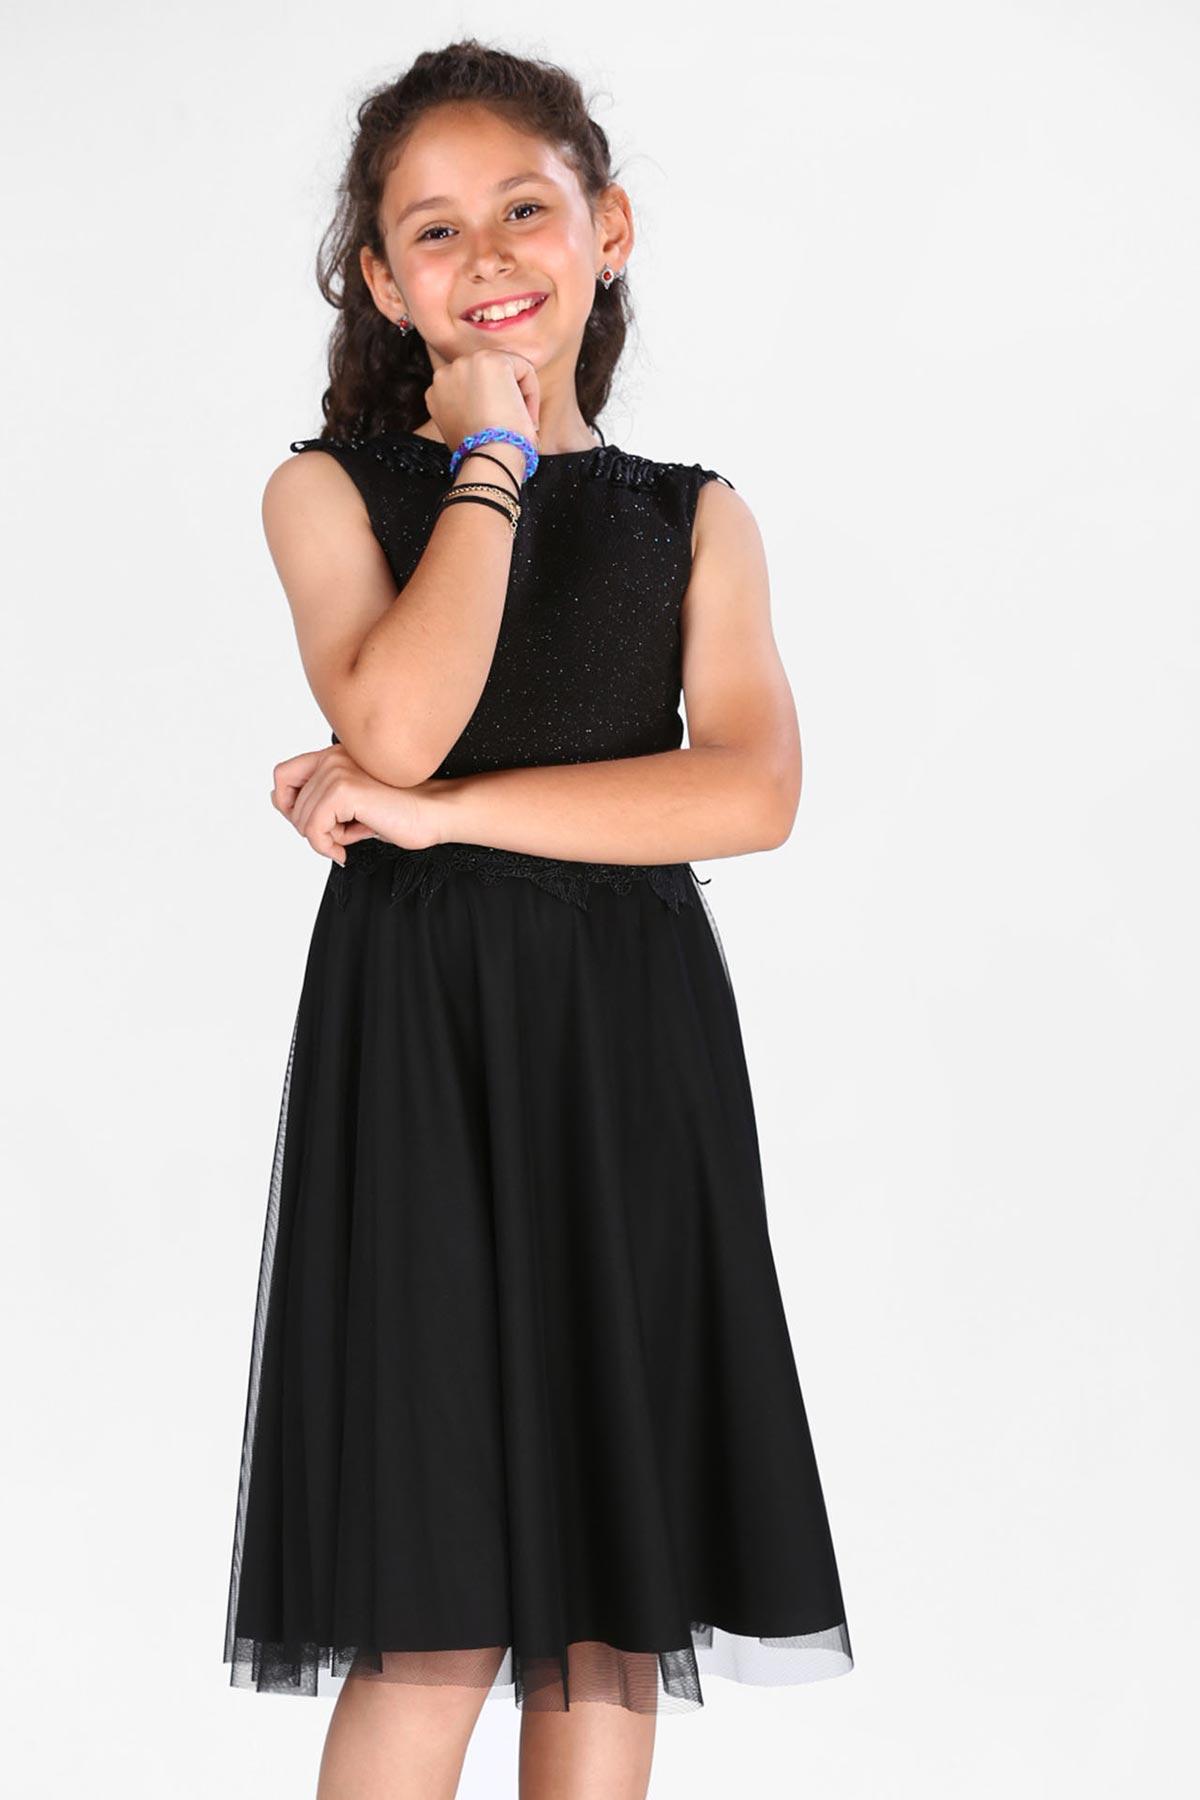 Girl's Glittery Black Dress